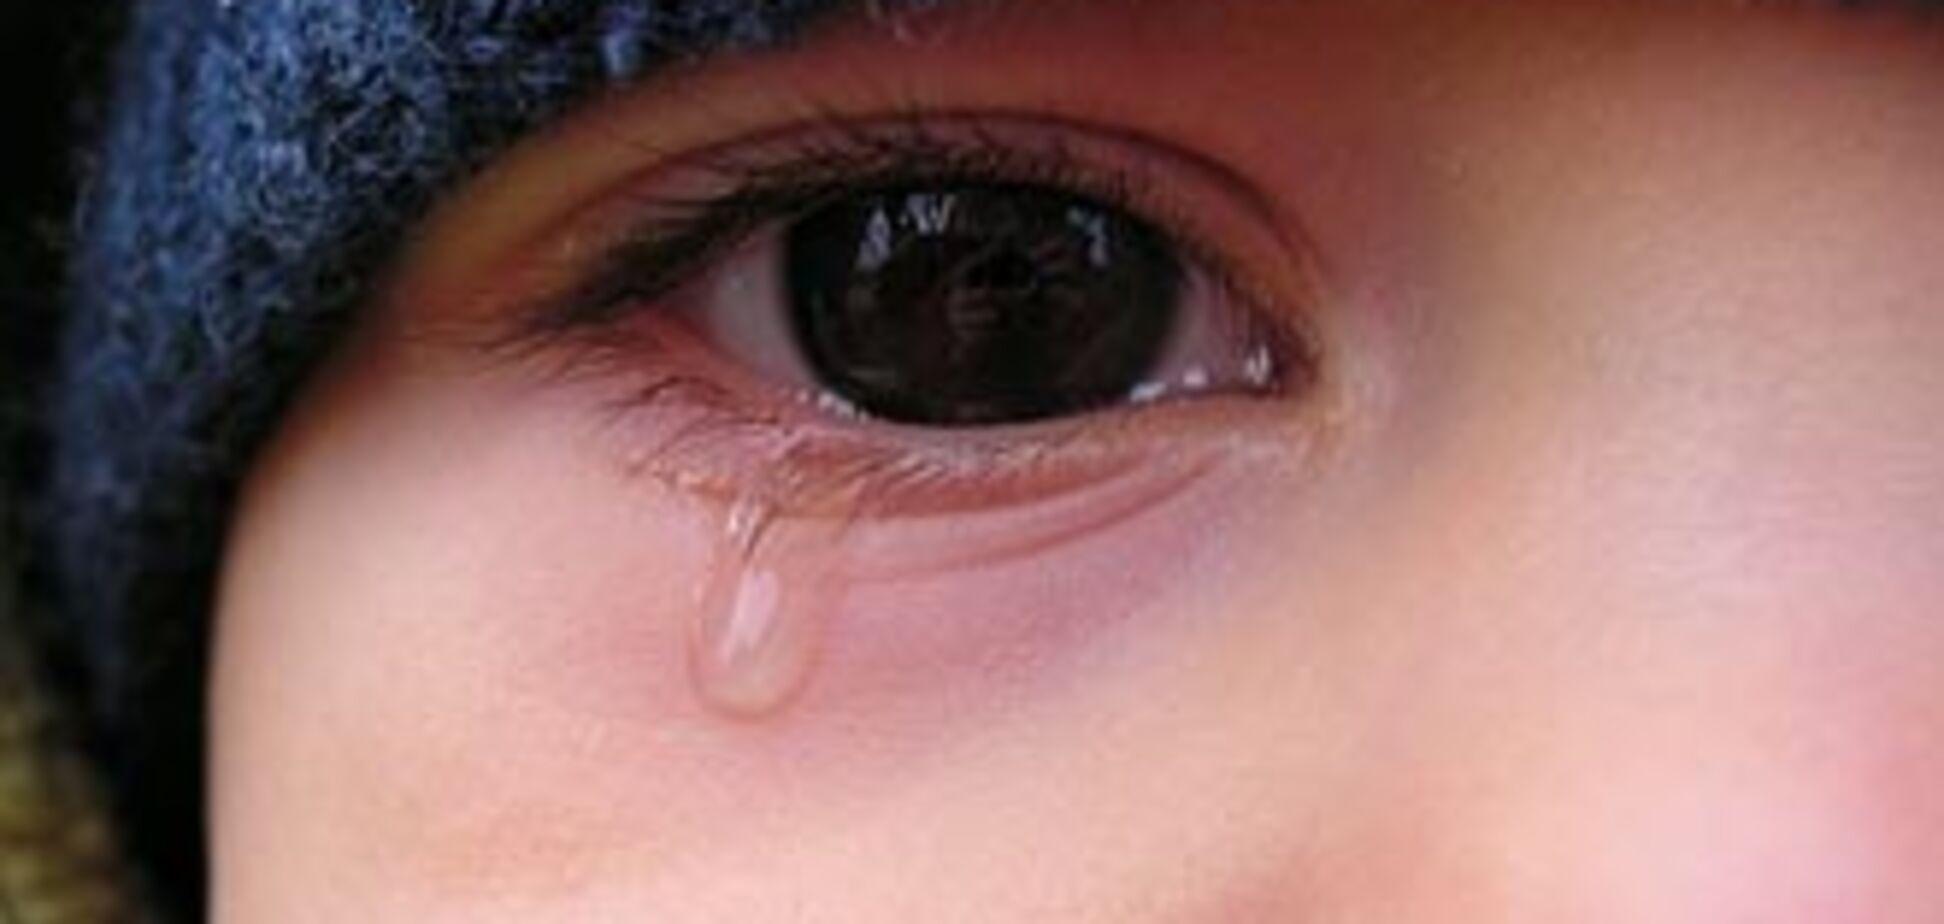 Черниговский педофил изнасиловал 9-летнюю девочку